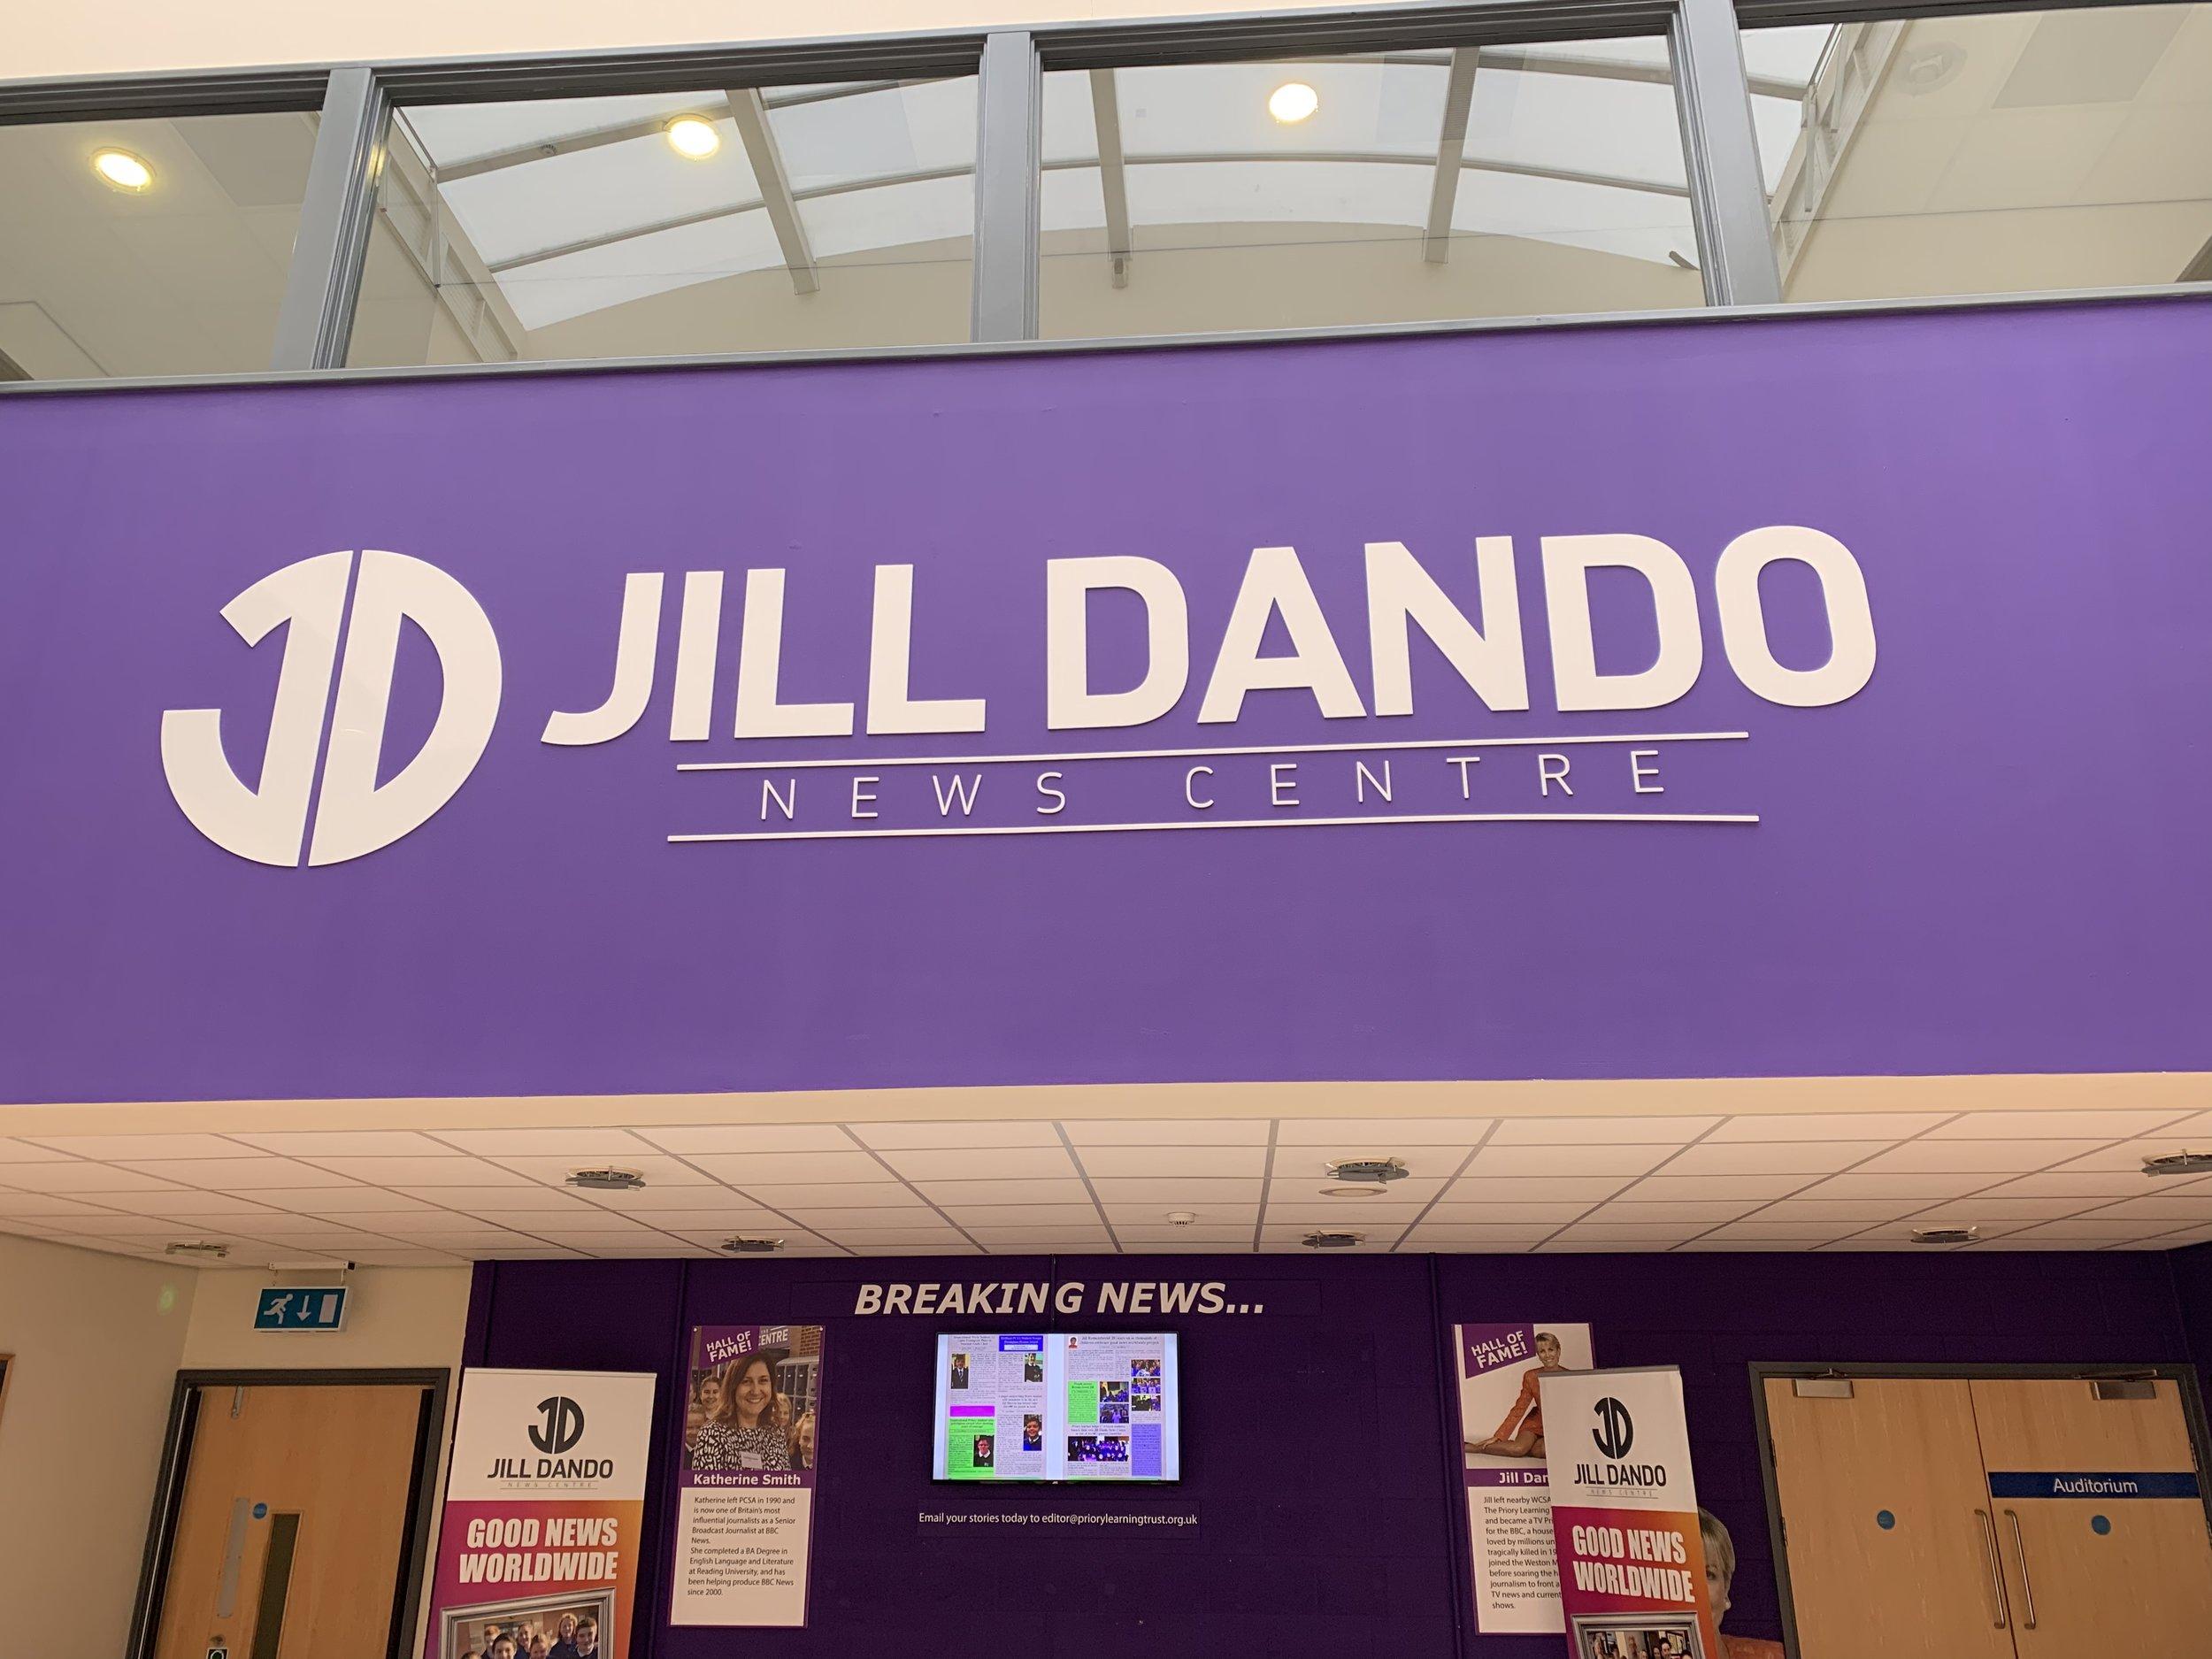 Jill Dando News Centre at PCSA